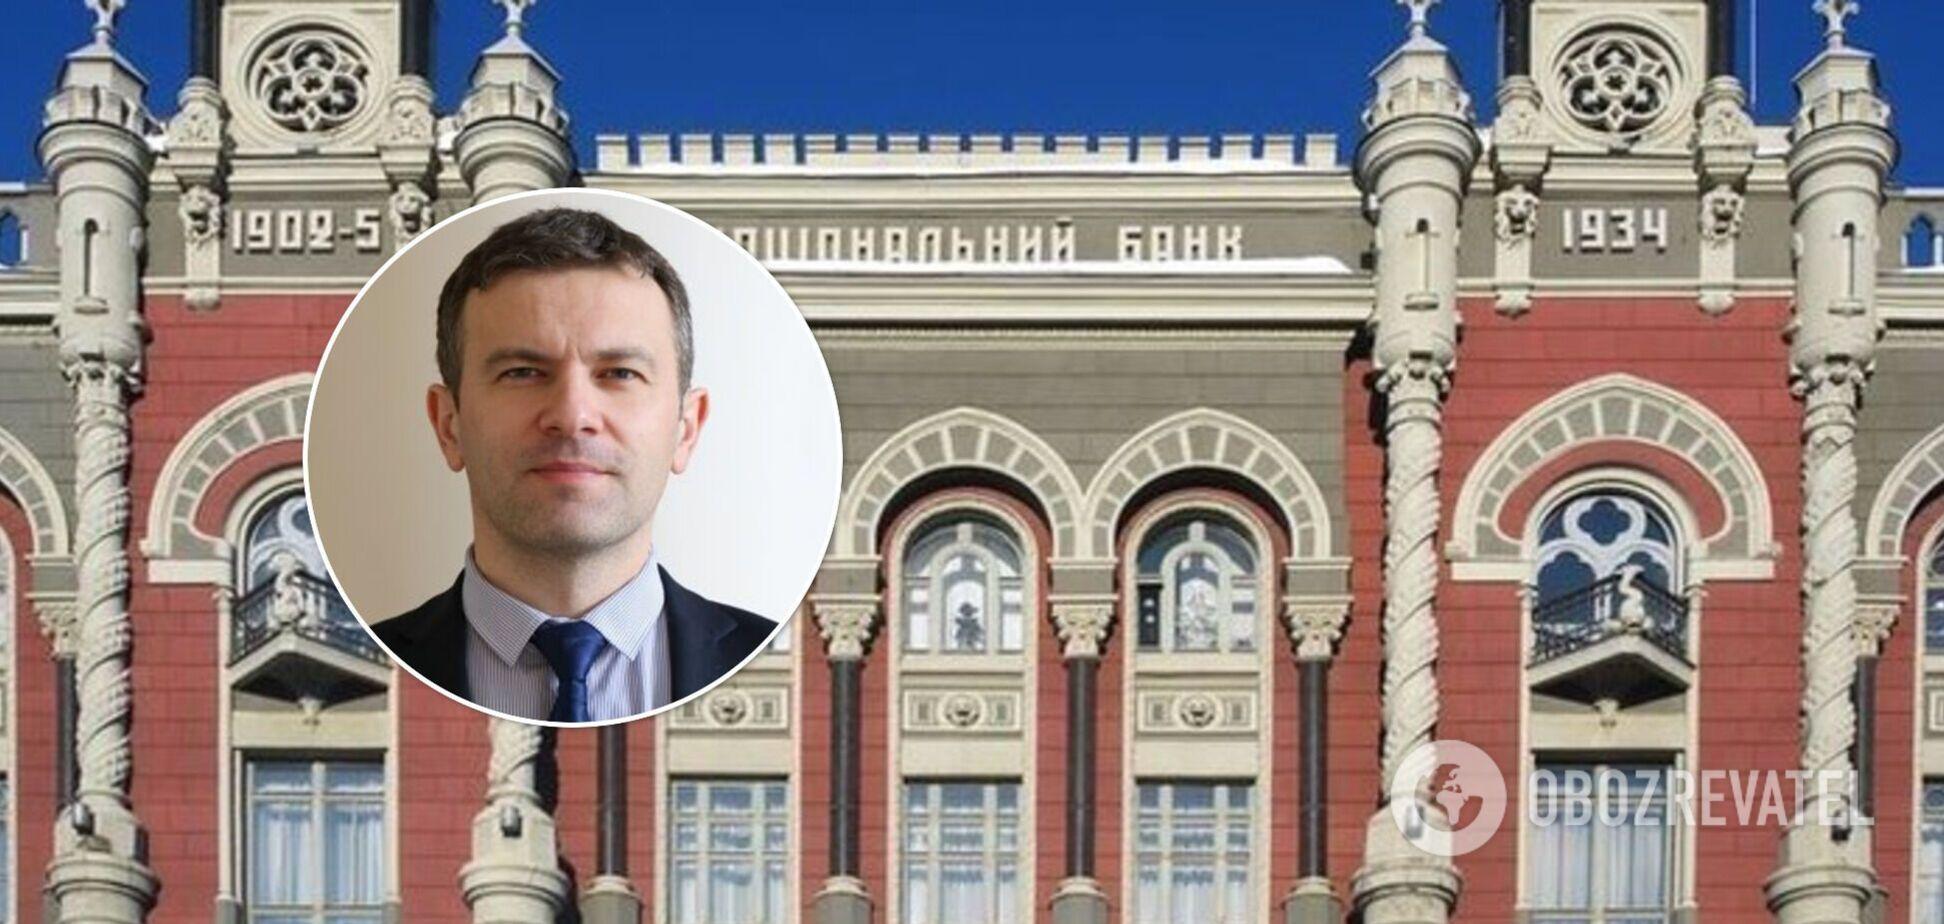 Сергій Ніколайчук може стати заступником глави НБУ